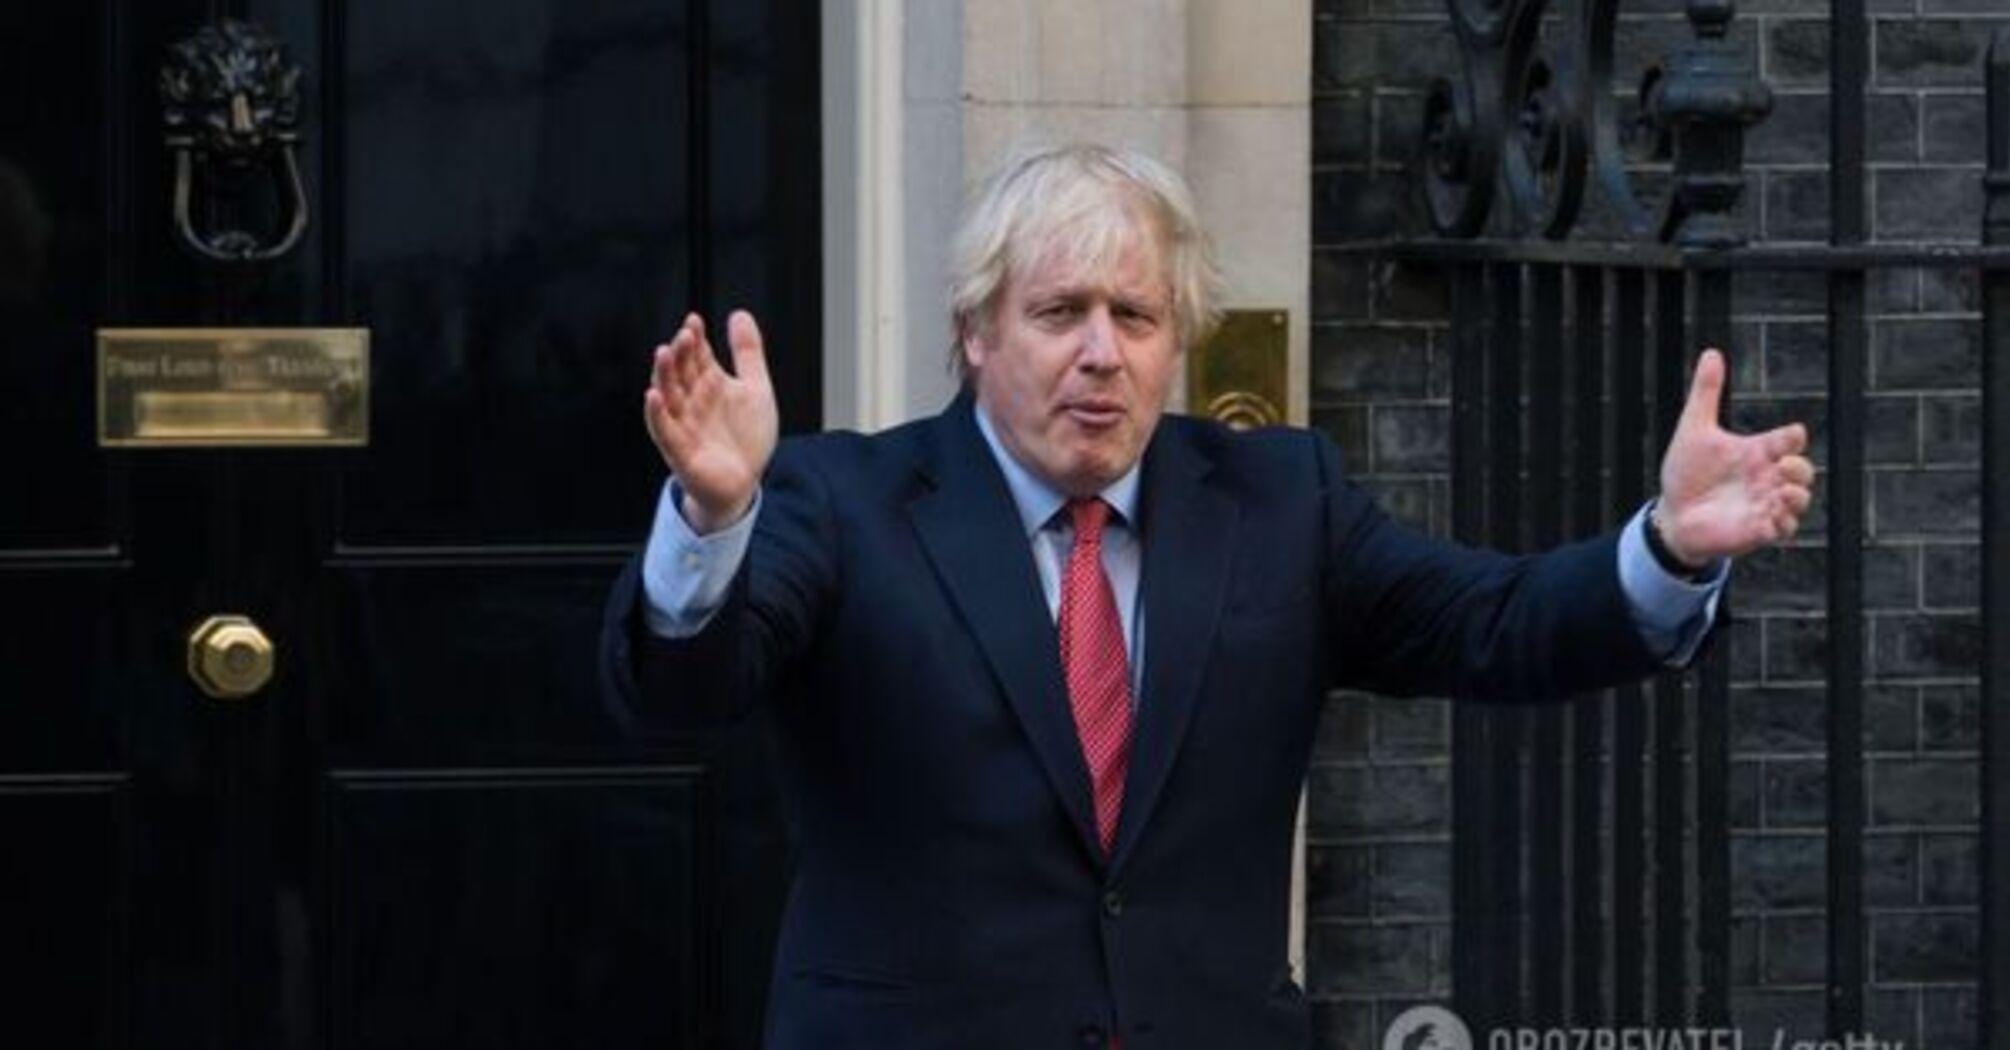 ЕС и Британия вслед за Канадой выступили против возвращения России в G7